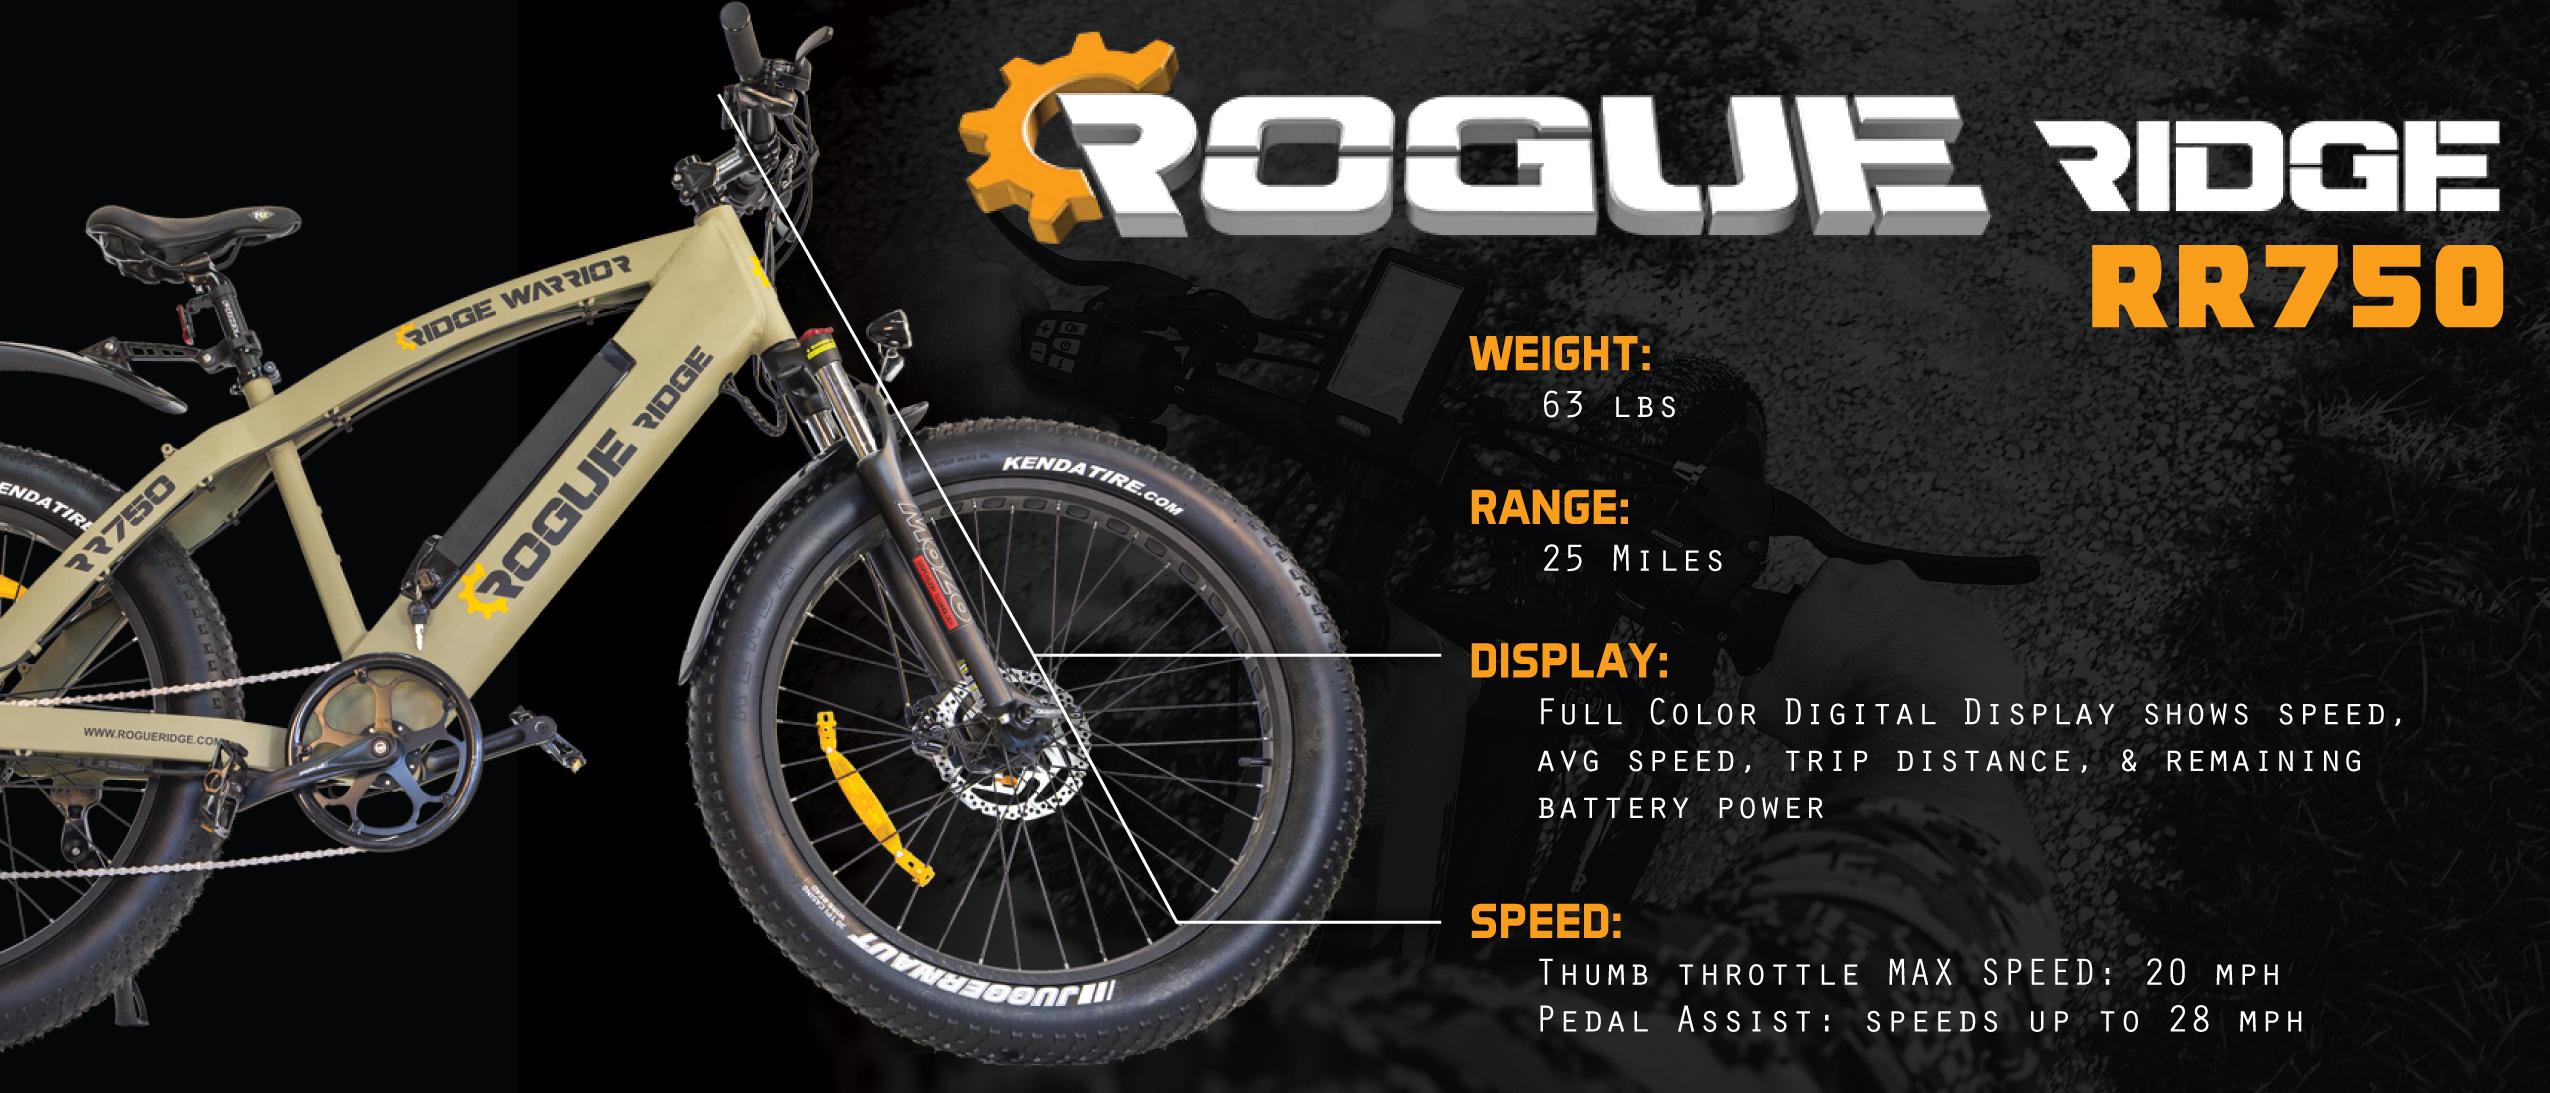 Meet the RR750